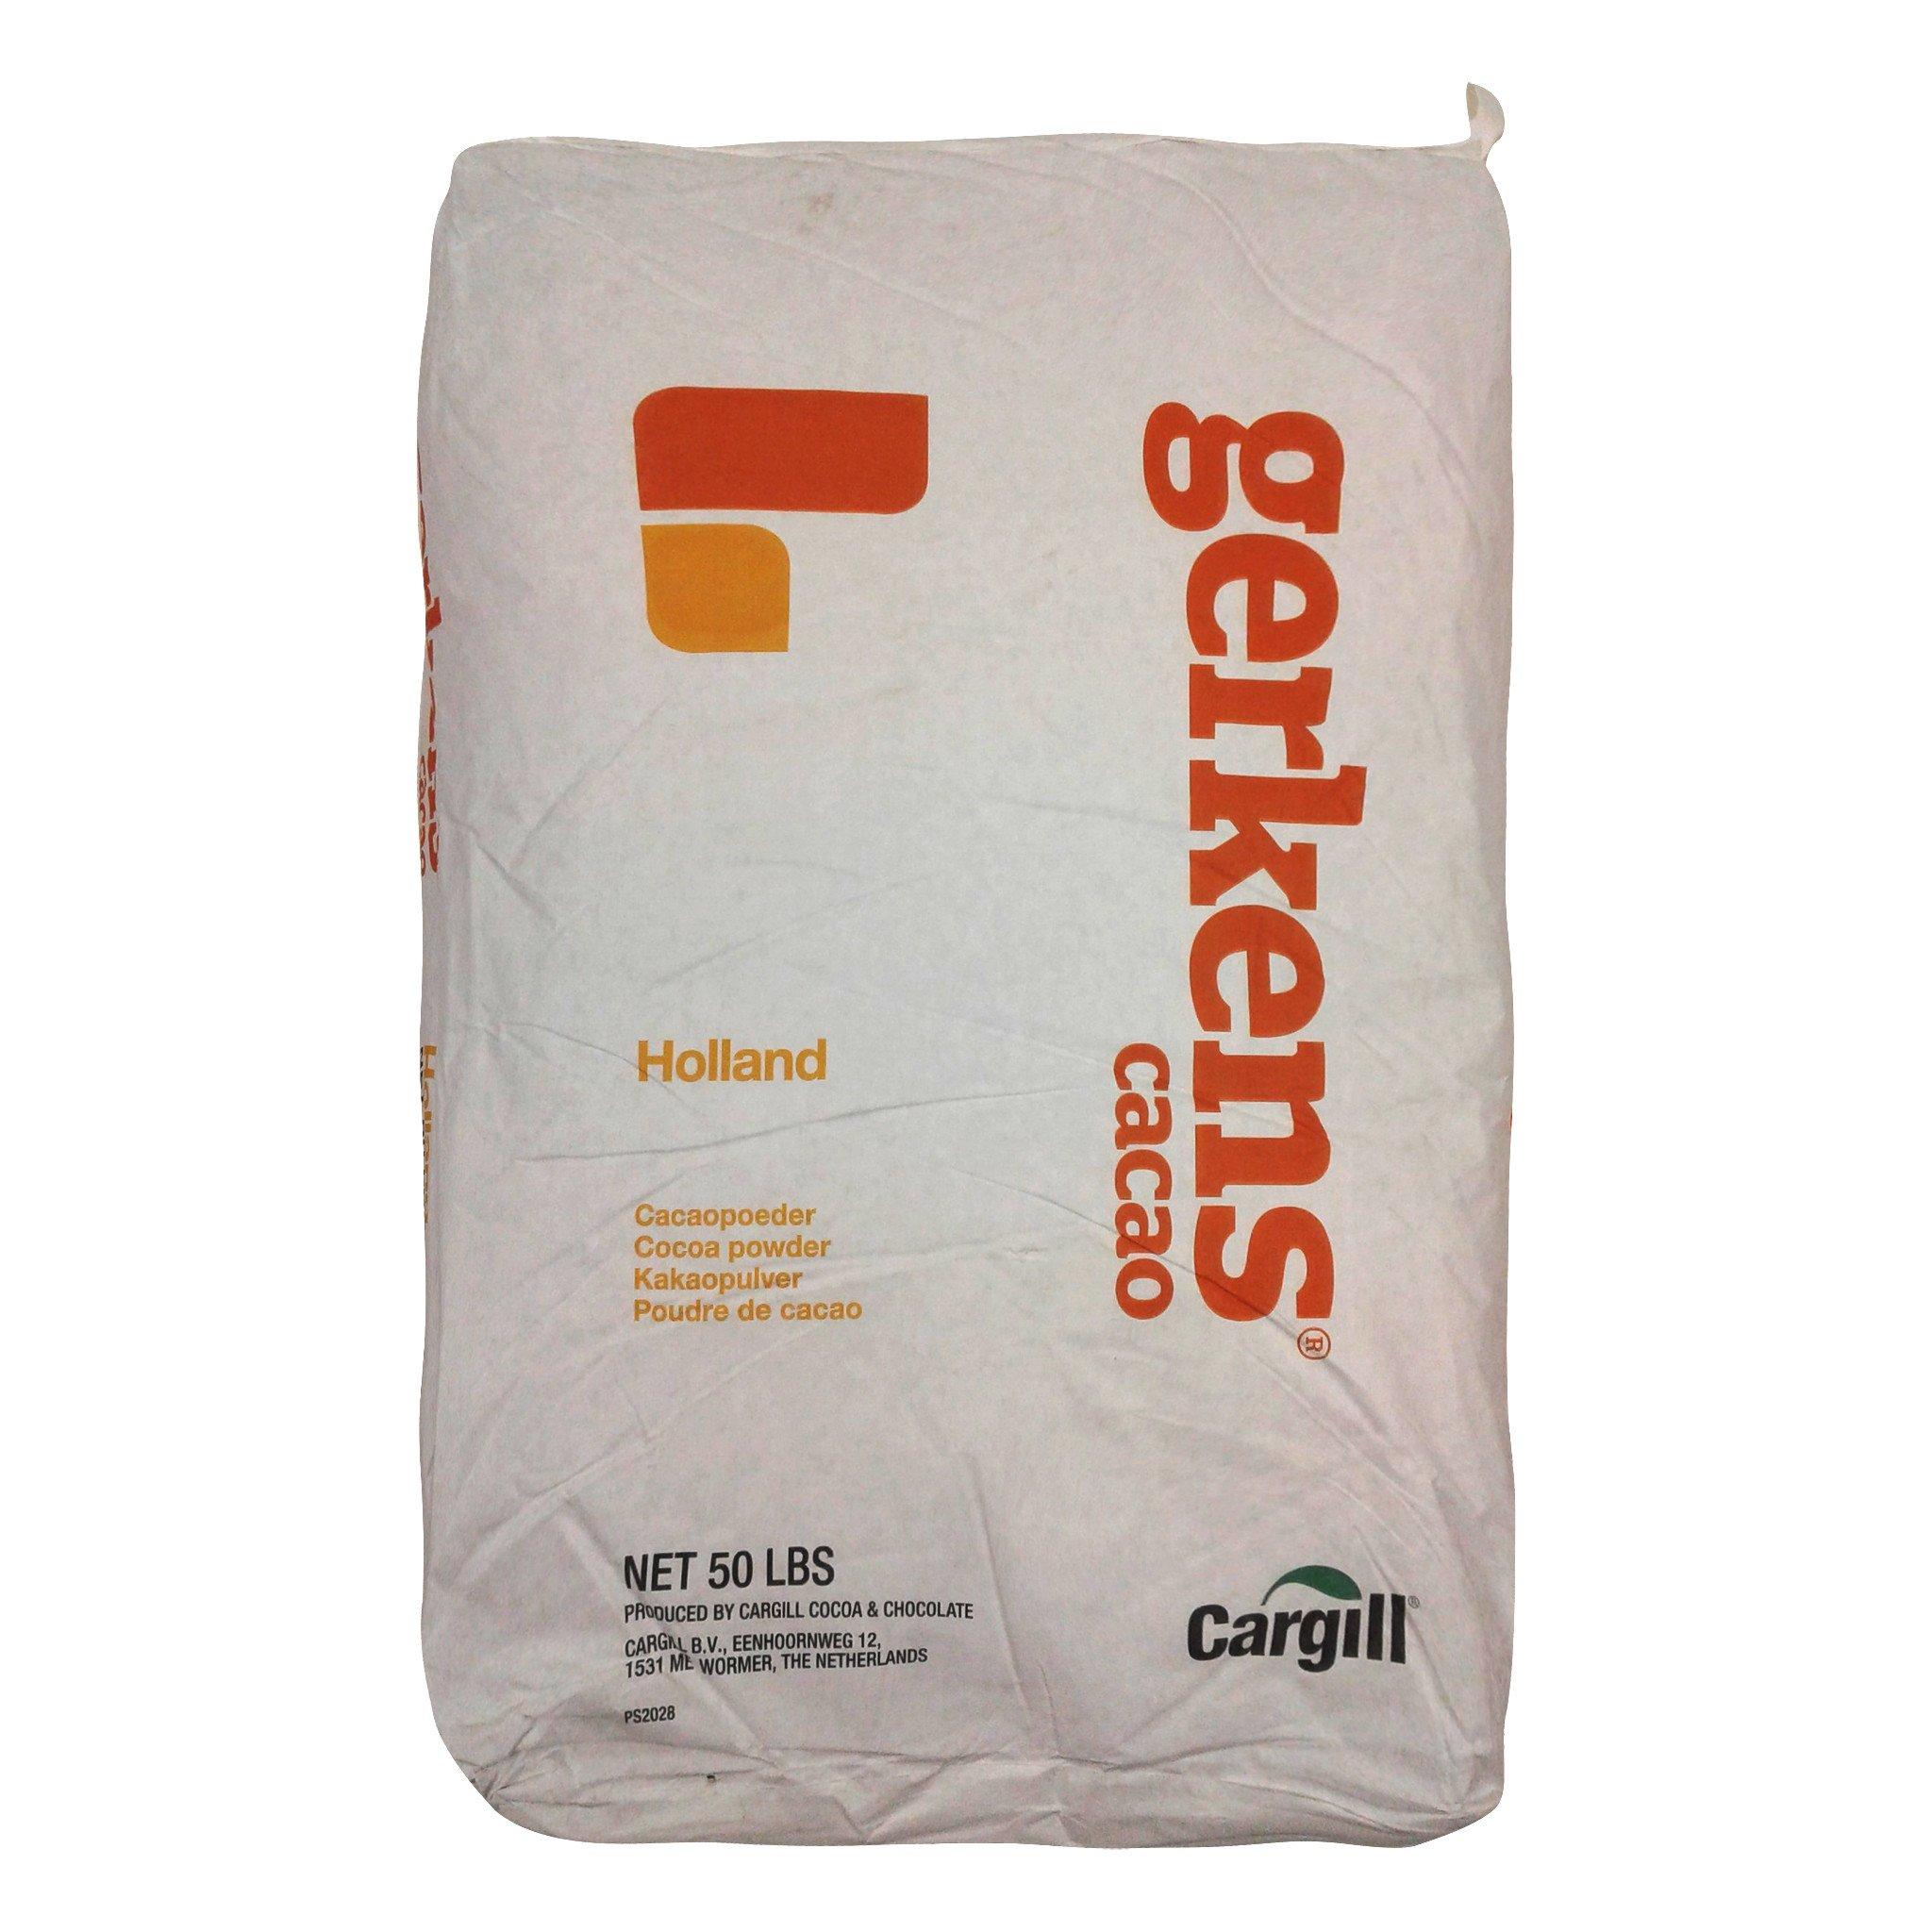 پودر کاکائو کارگیل هلند Cargill Cocoa powder